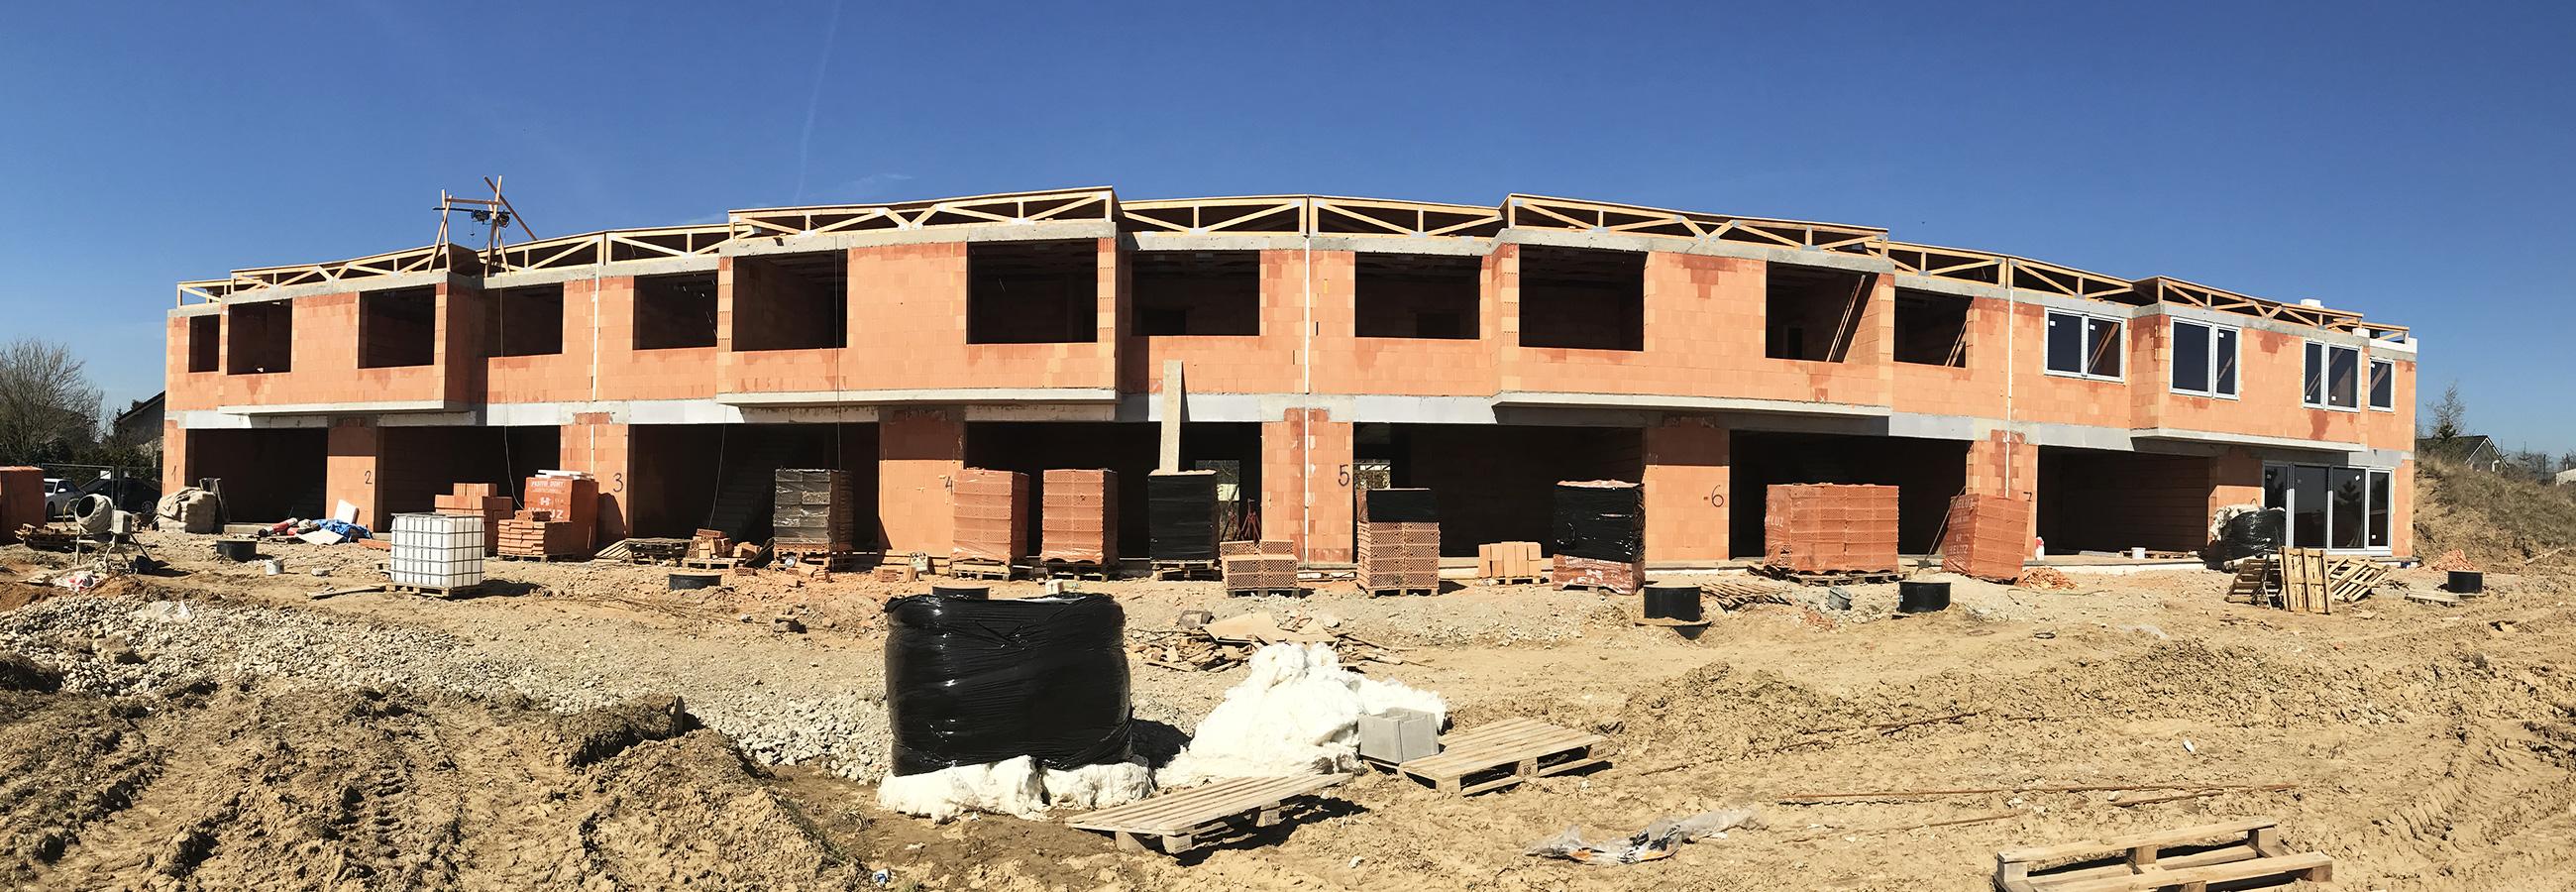 Michalovice - Realizace výstavby řadových domů od HP Domy, pohled z dálky.